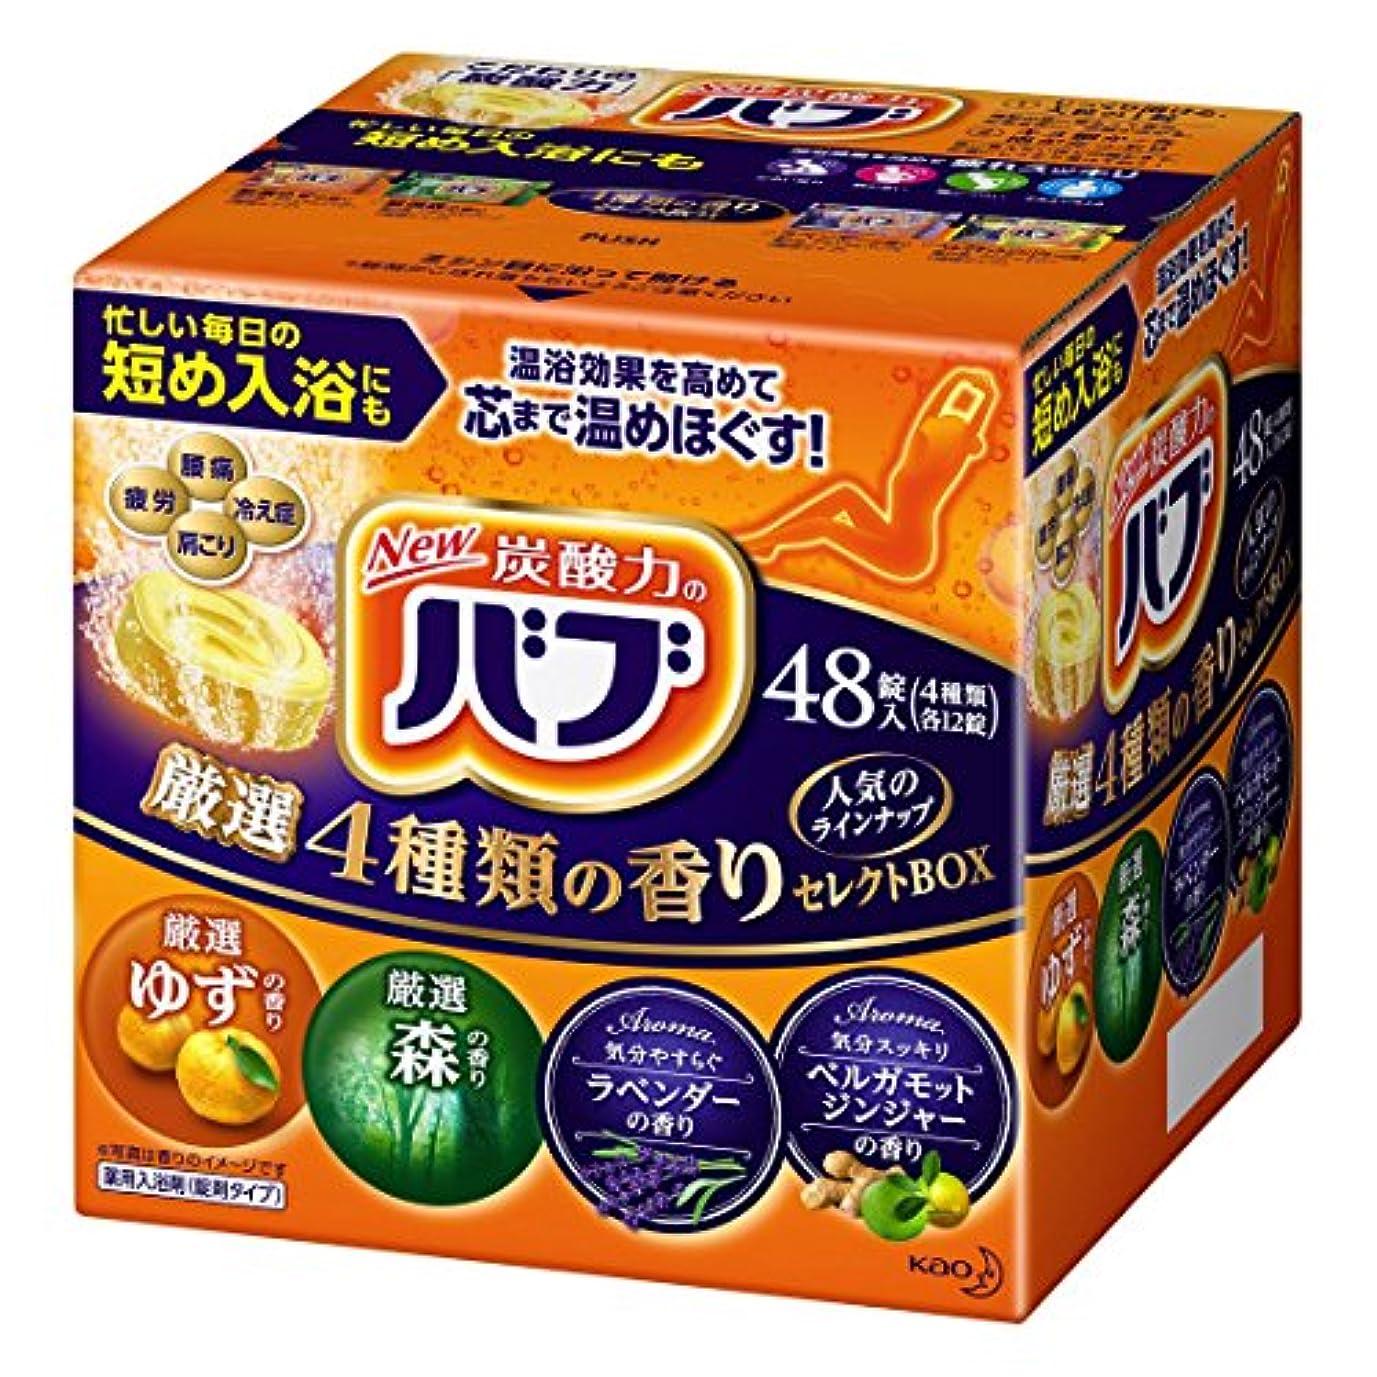 【大容量】 バブ 厳選4種類の香りセレクトBOX 薬用 48錠 炭酸 入浴剤 詰め合わせ [医薬部外品]